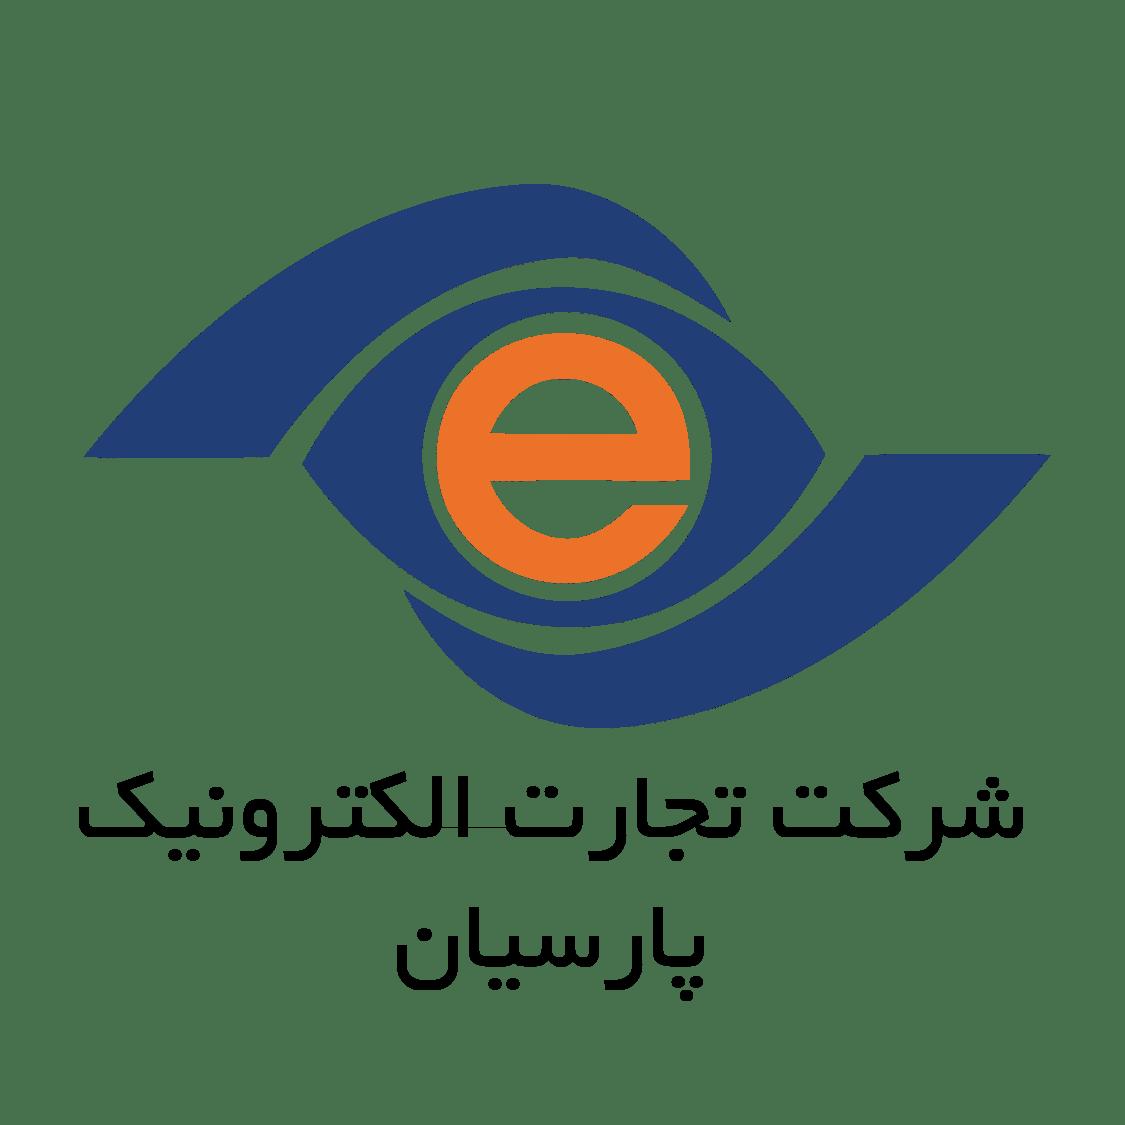 پارسیان-مشتری-افراتک